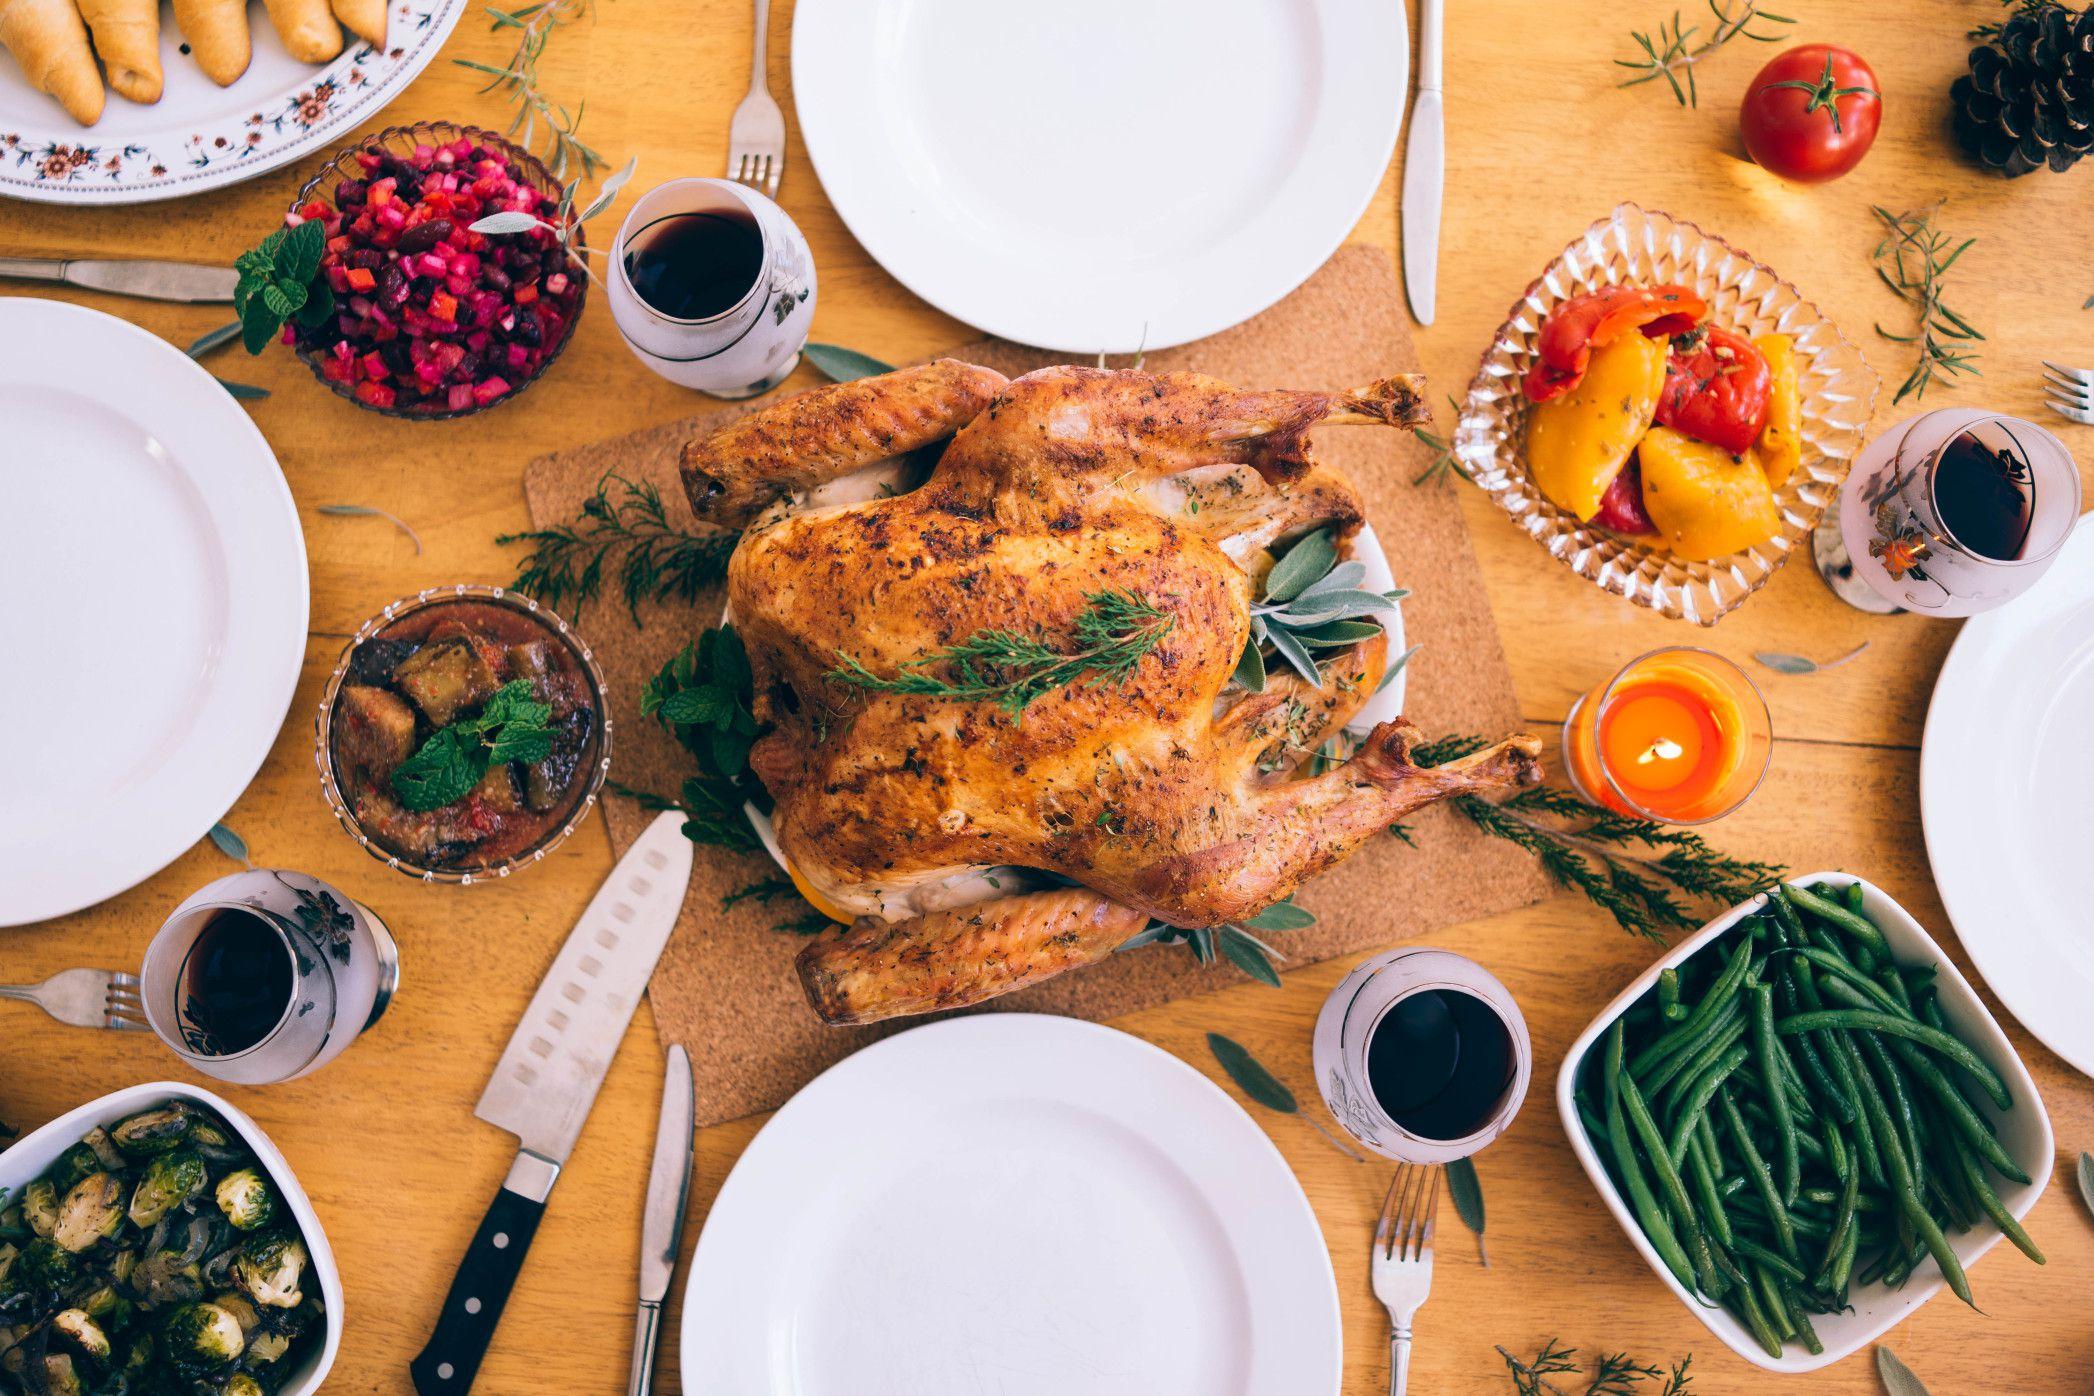 9 Best Ways to Cook a Turkey